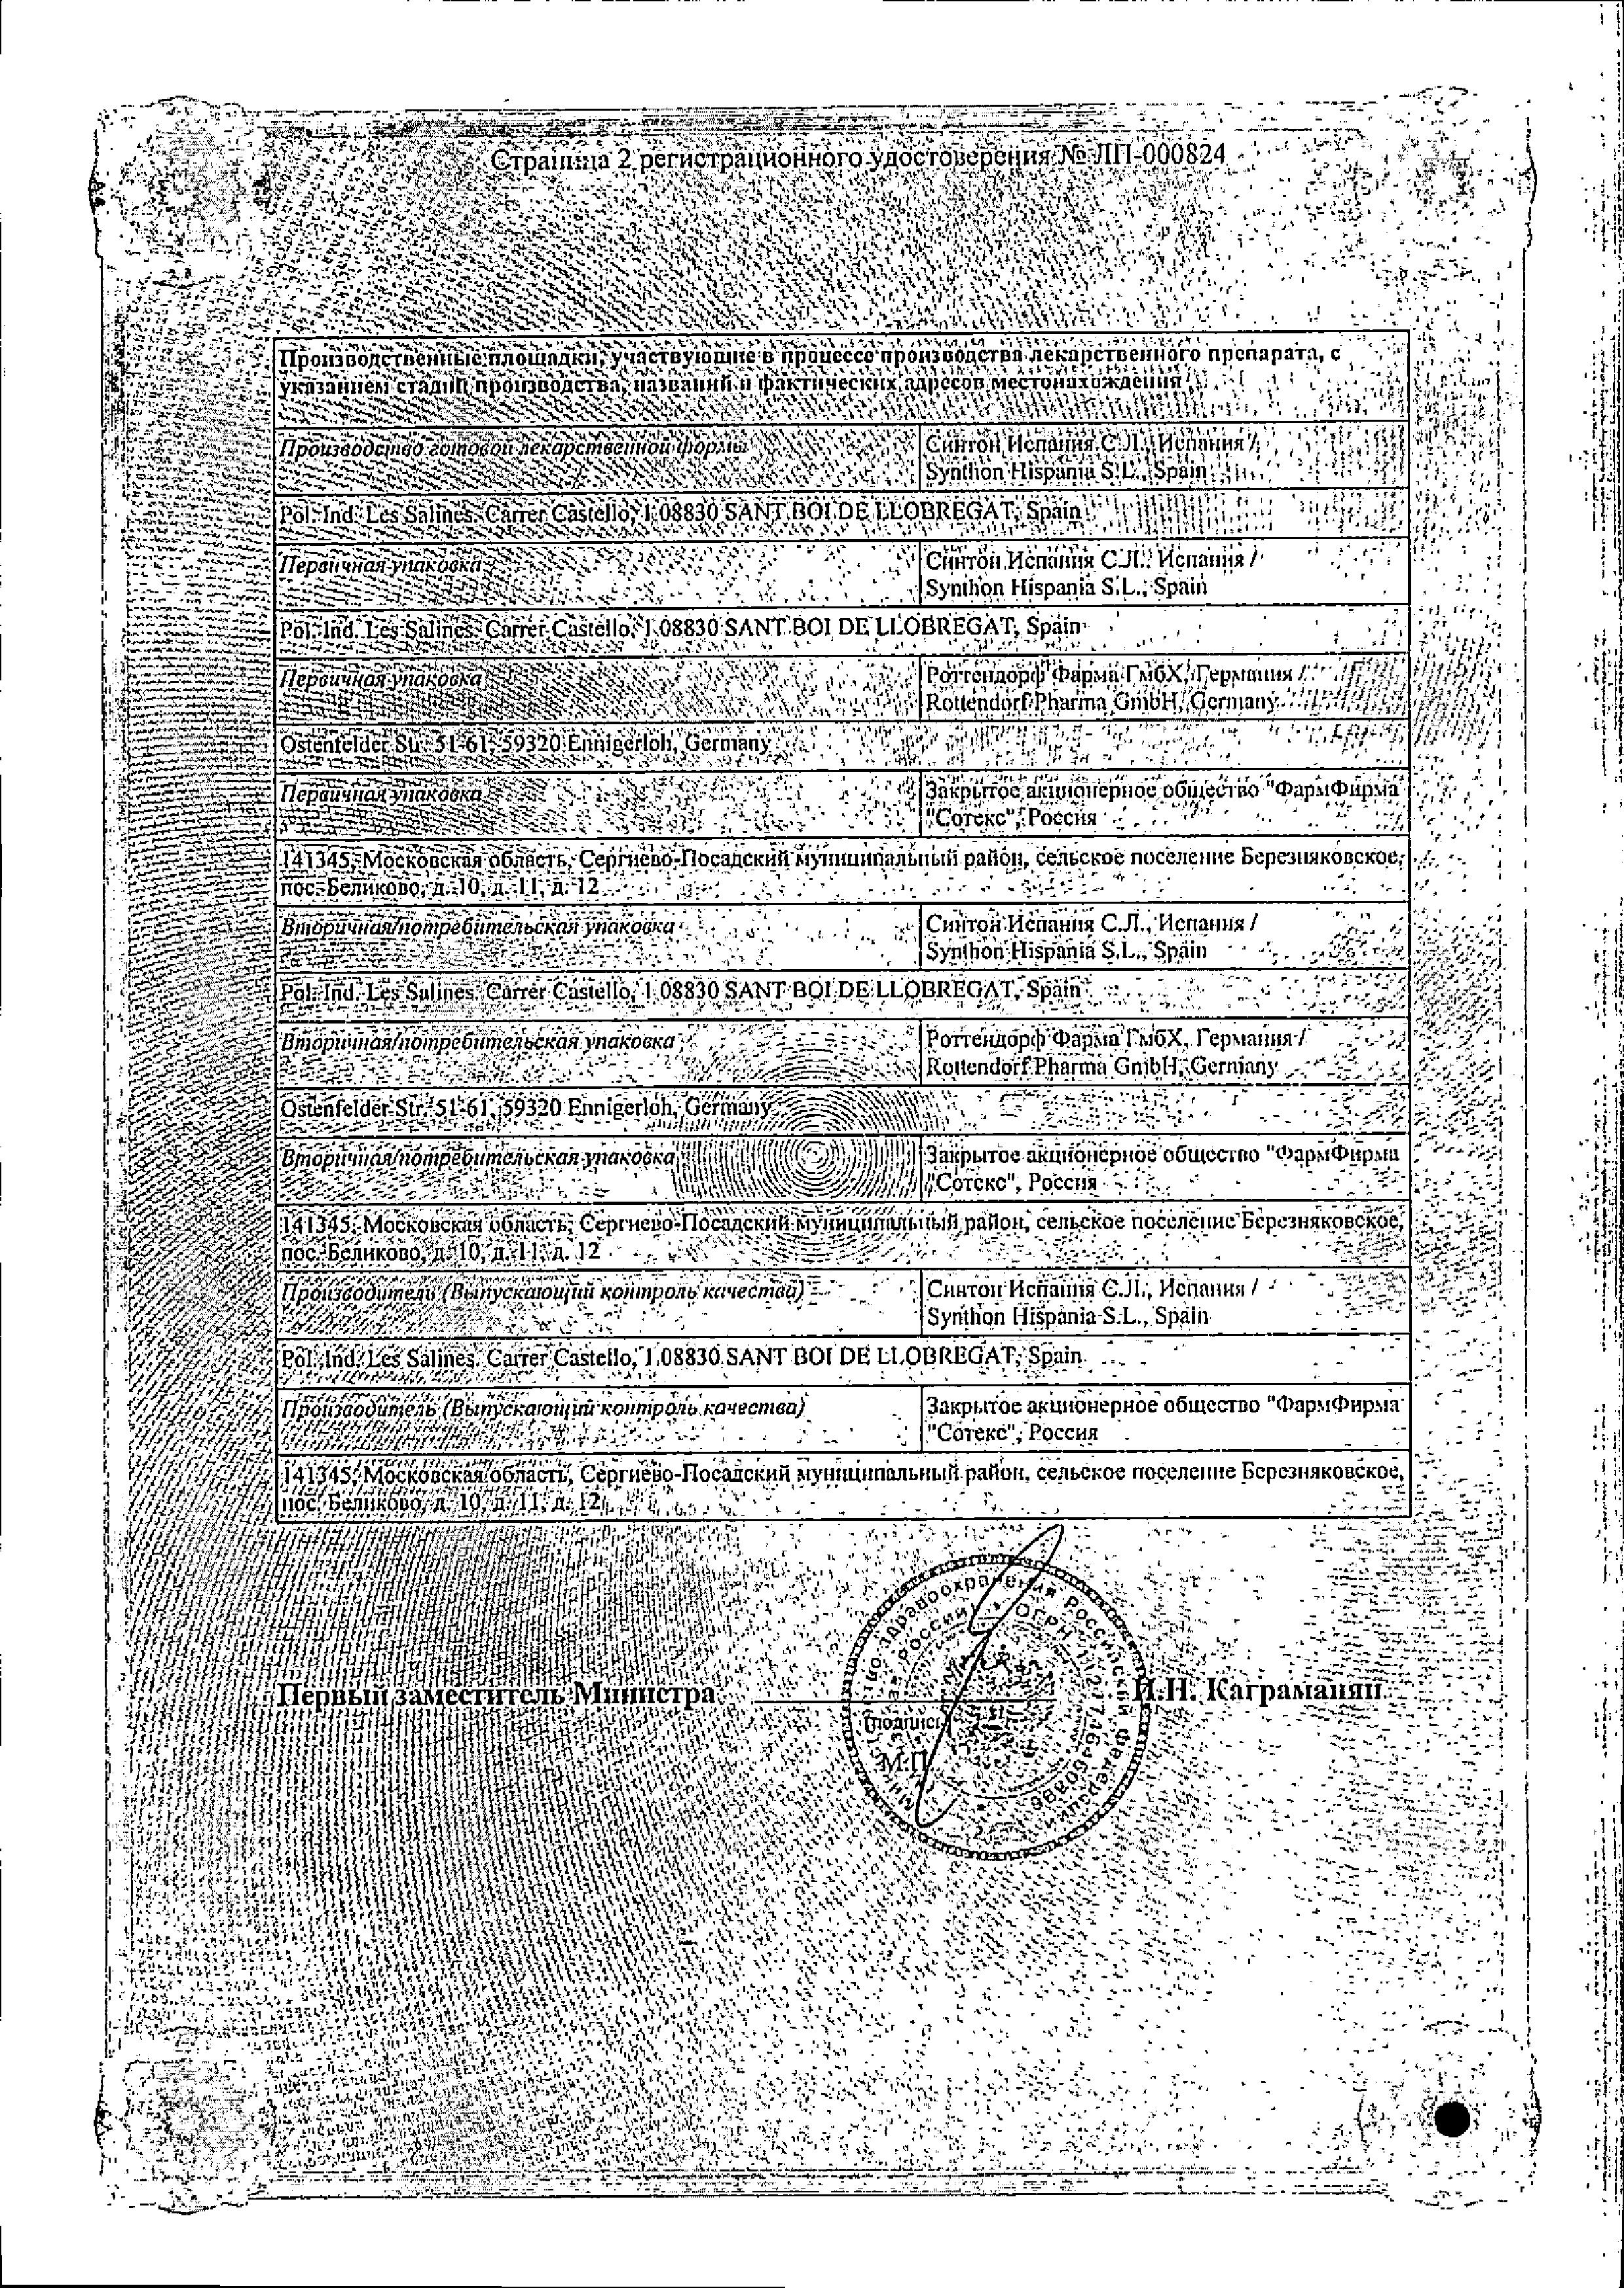 Меманталь сертификат